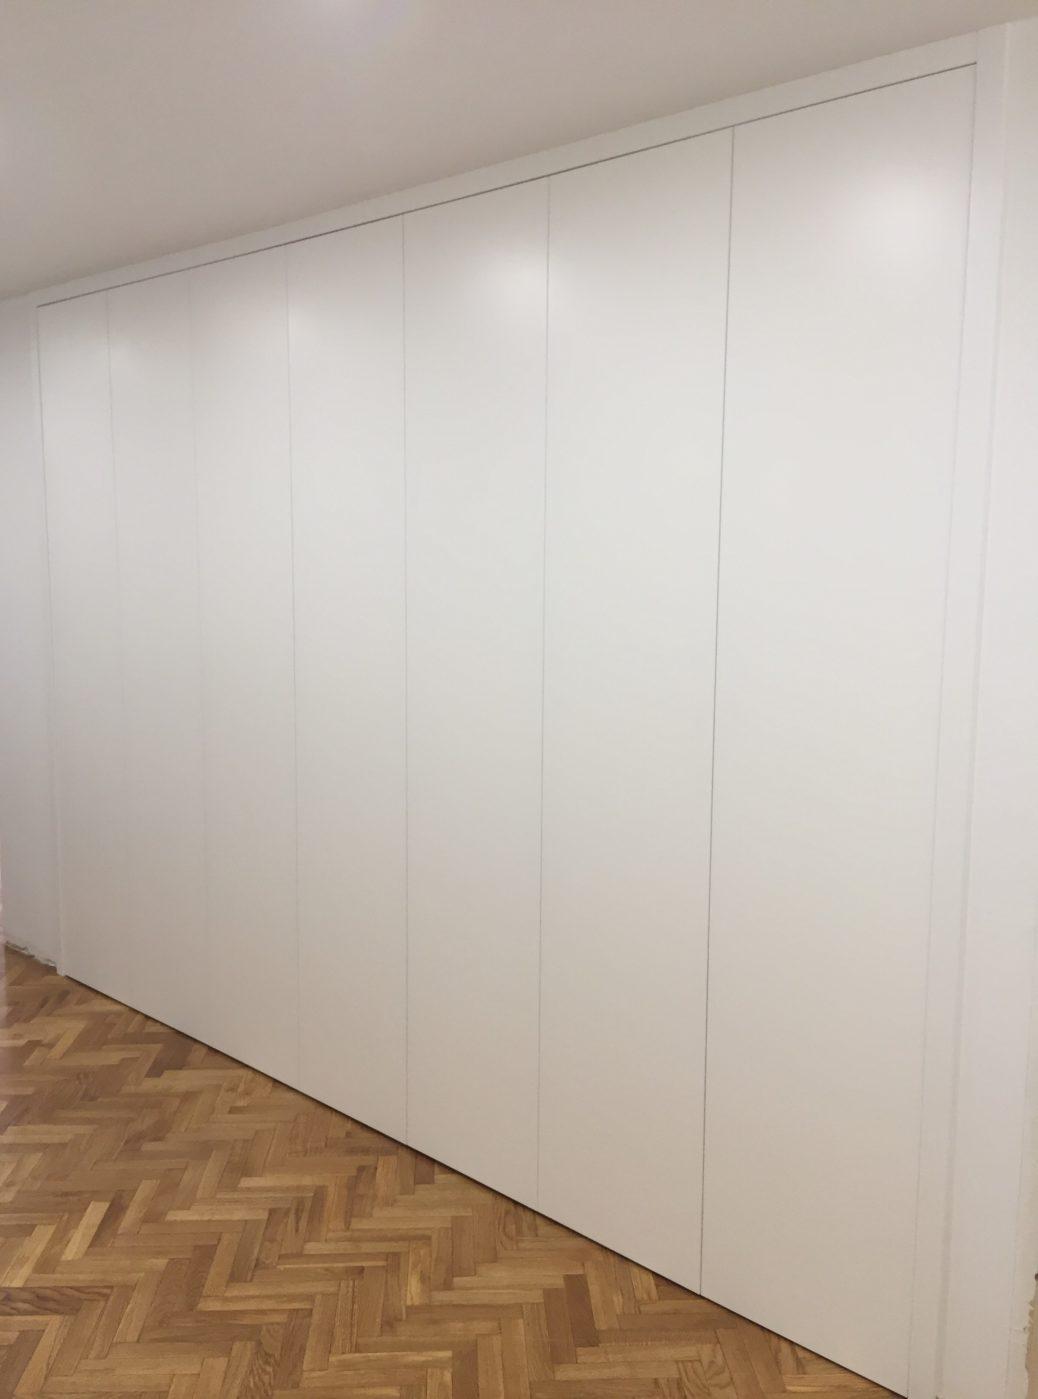 Armario dise o liso armarios empotrados segra - Lacar puertas en blanco precio ...